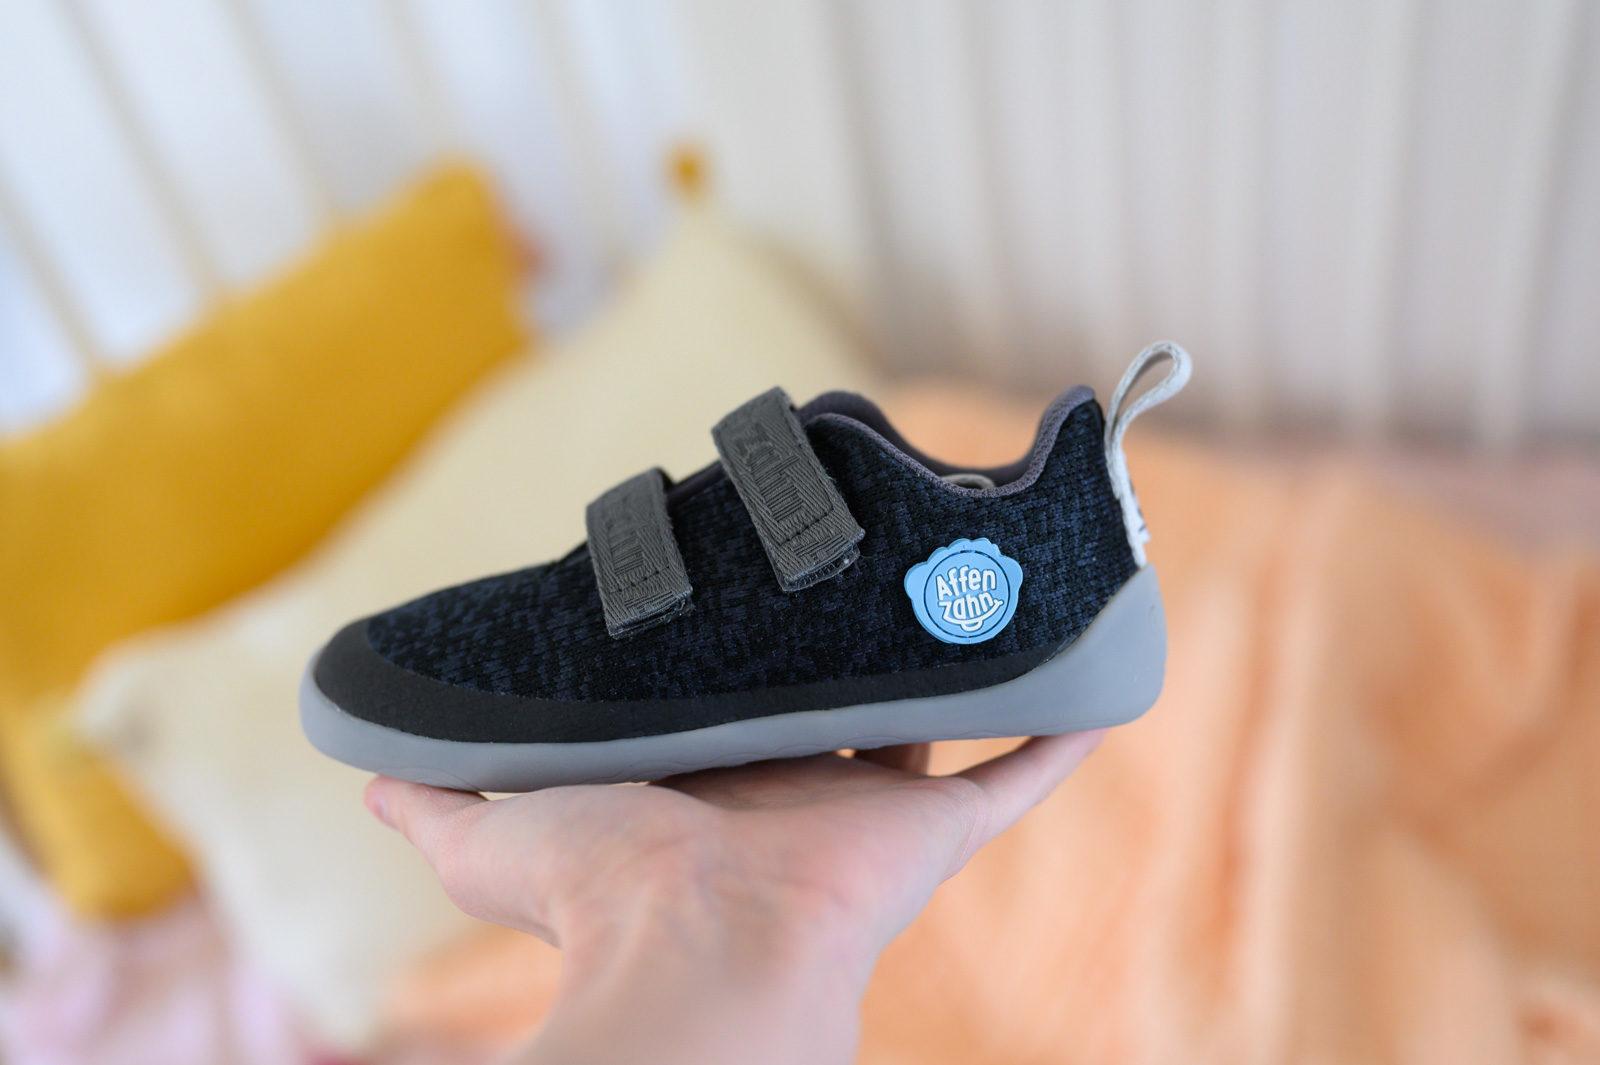 Größe 40 26e86 eeddc Die besten Kinderschuhe 2019 | Wann, welche Marke und worauf ...